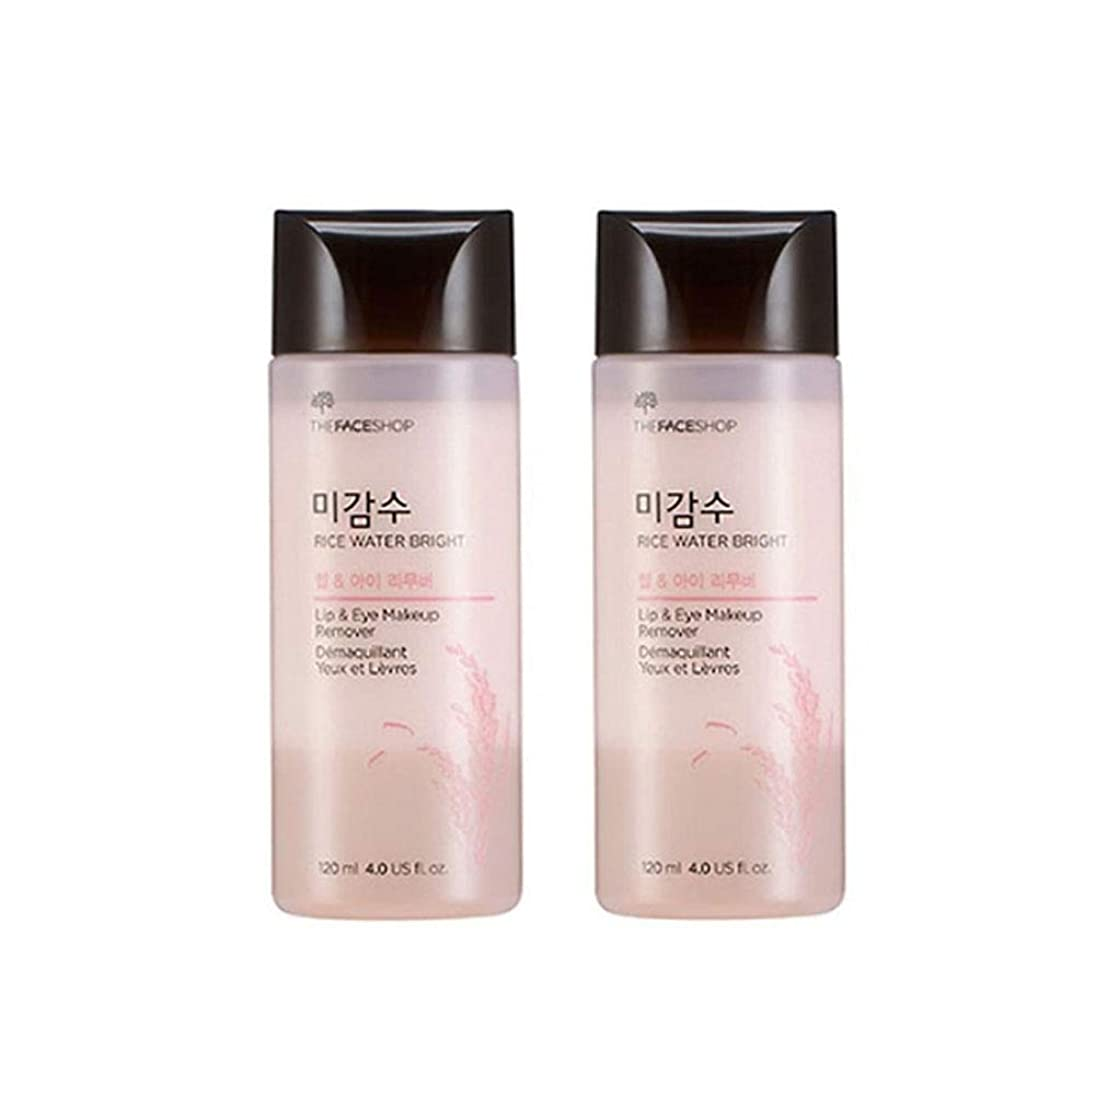 カーテン高める制約ザ?フェイスショップ米感水ブライトリップ&アイリムーバー120ml x 2本セット韓国コスメ、The Face Shop Rice Water Bright Lip&Eye Remover 120ml x 2ea Set Korean Cosmetics [並行輸入品]